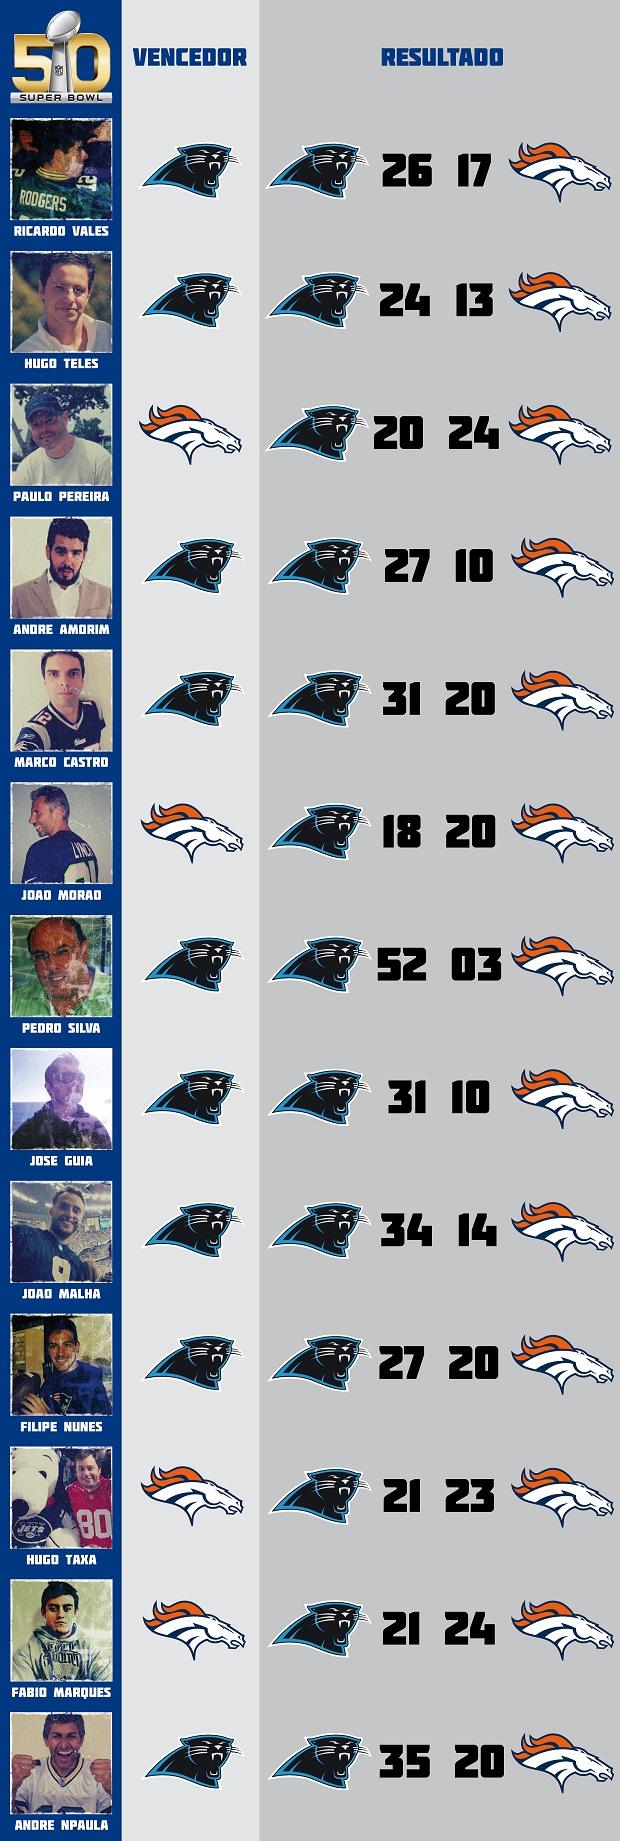 Super Bowl 50 - Previsões